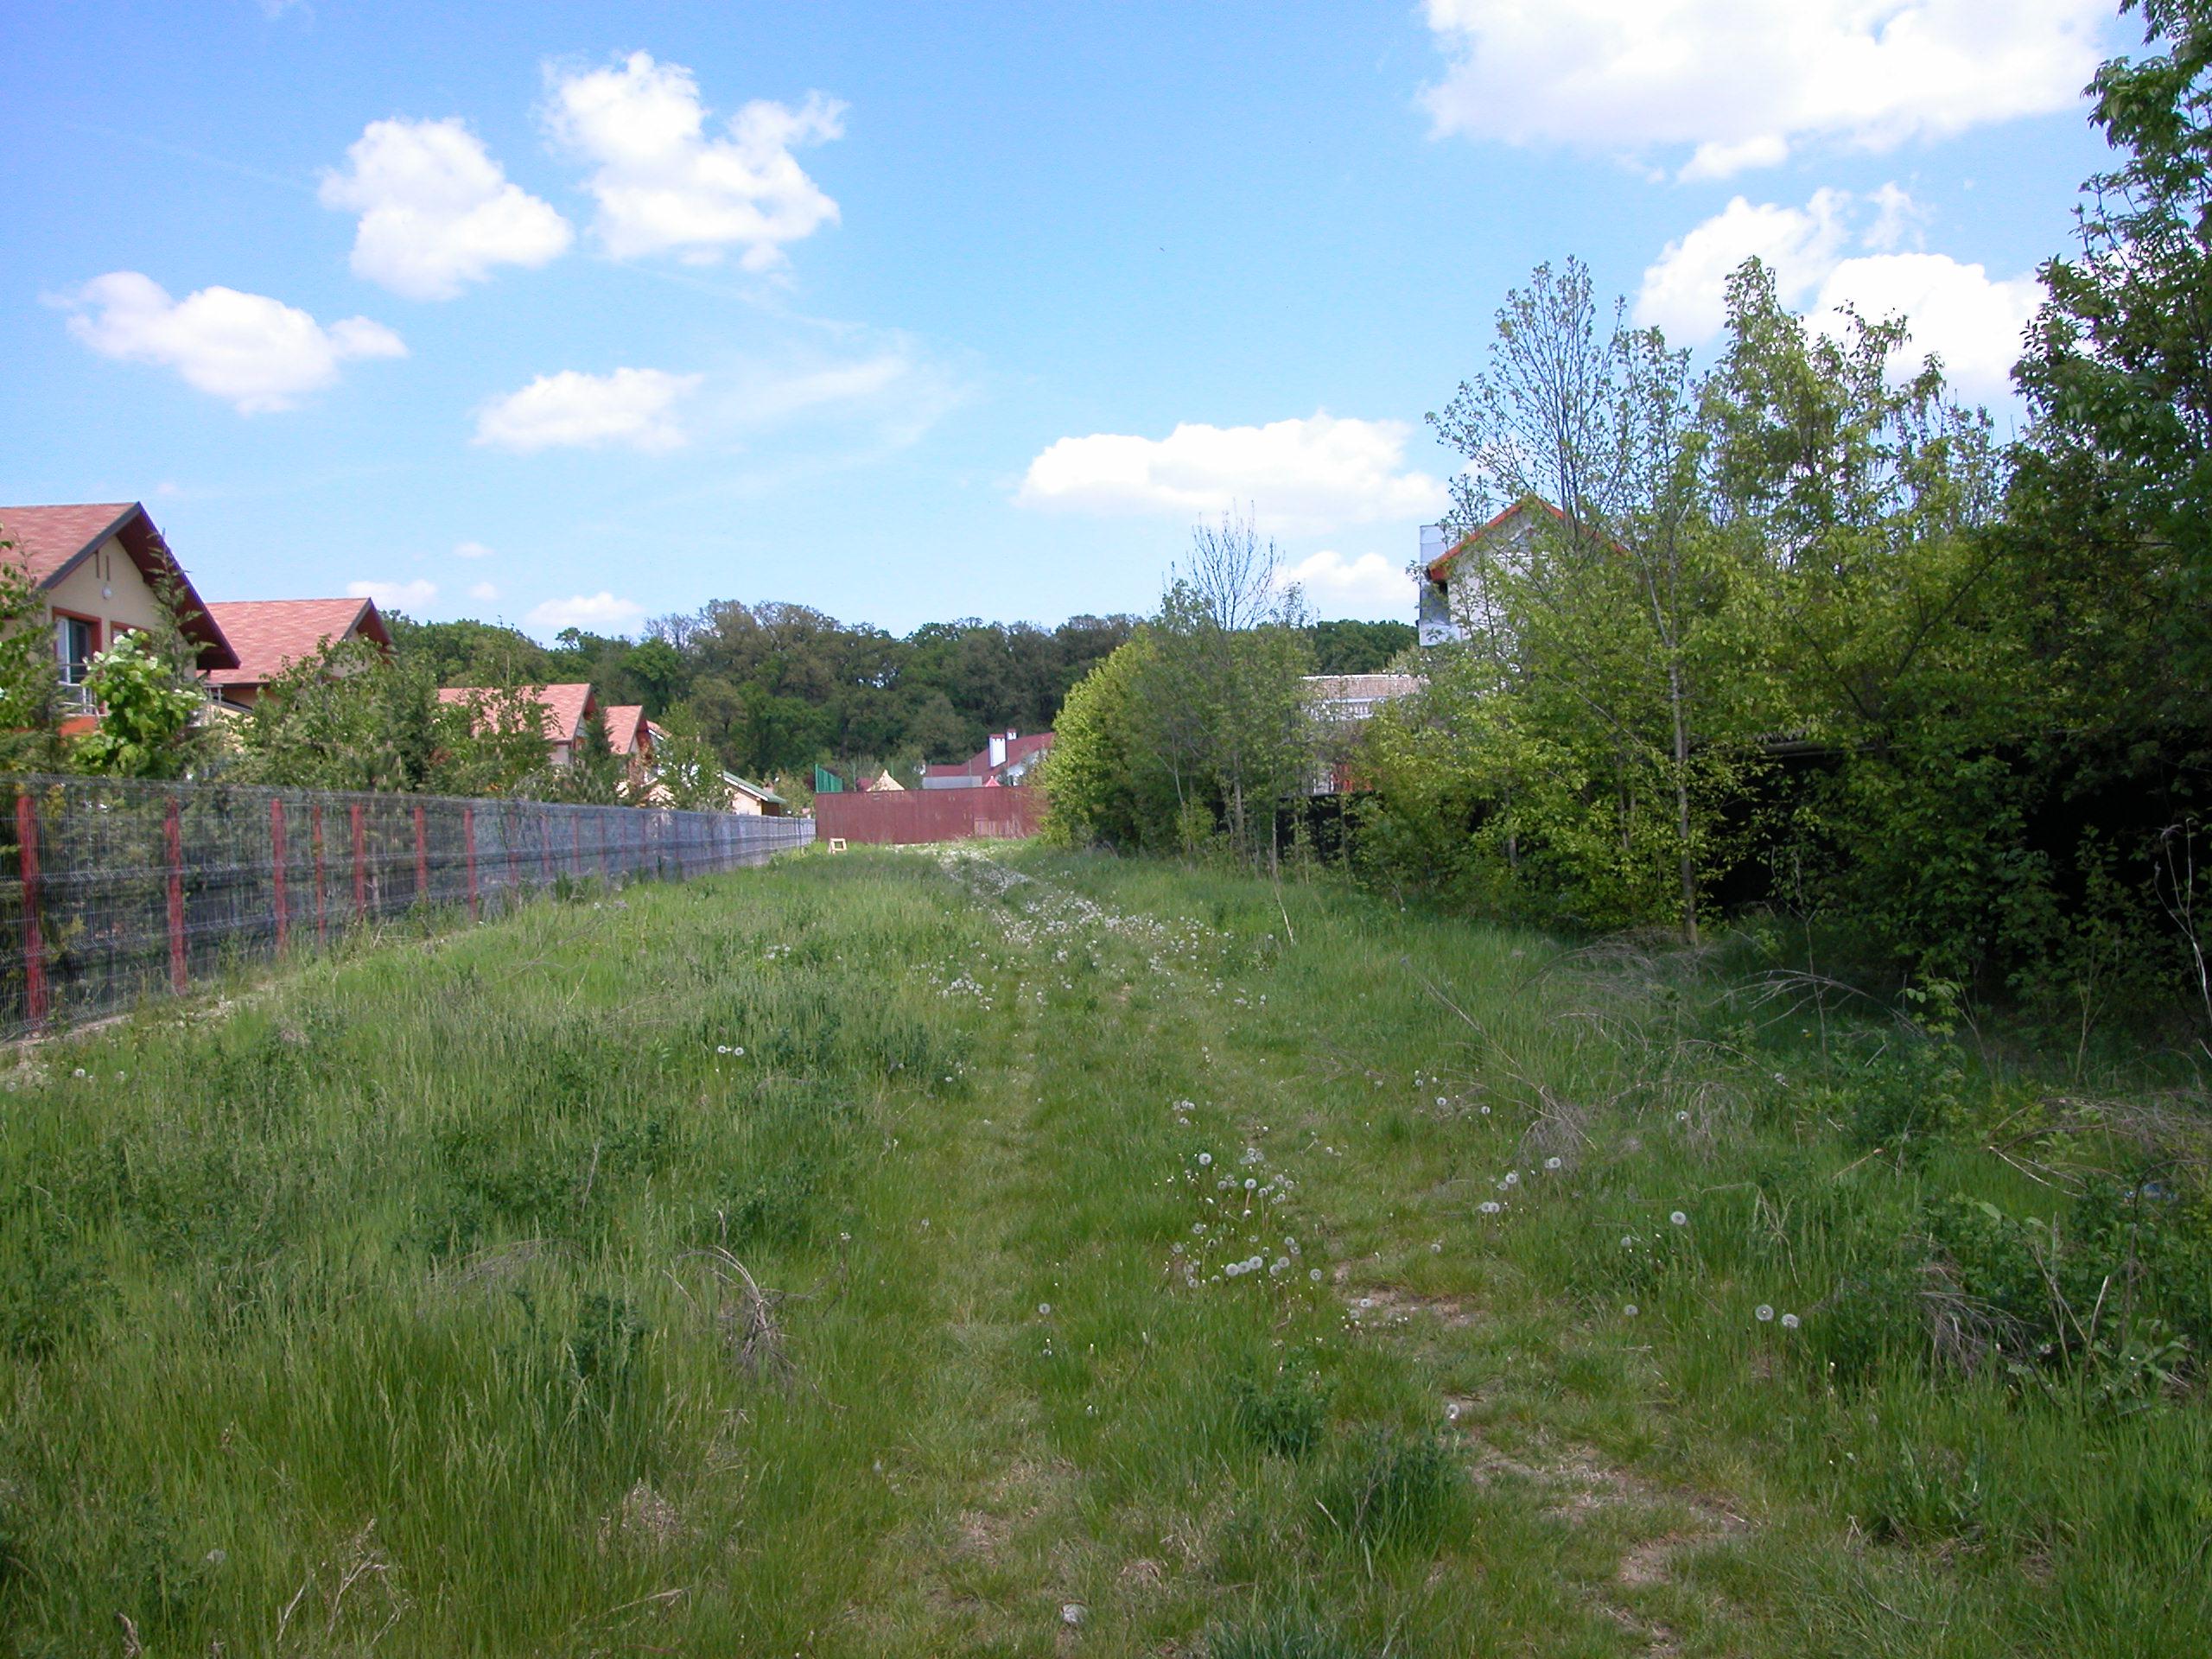 Vendita terreno agricolo snagov village ilfov romania - Agenzie immobiliari bucarest ...